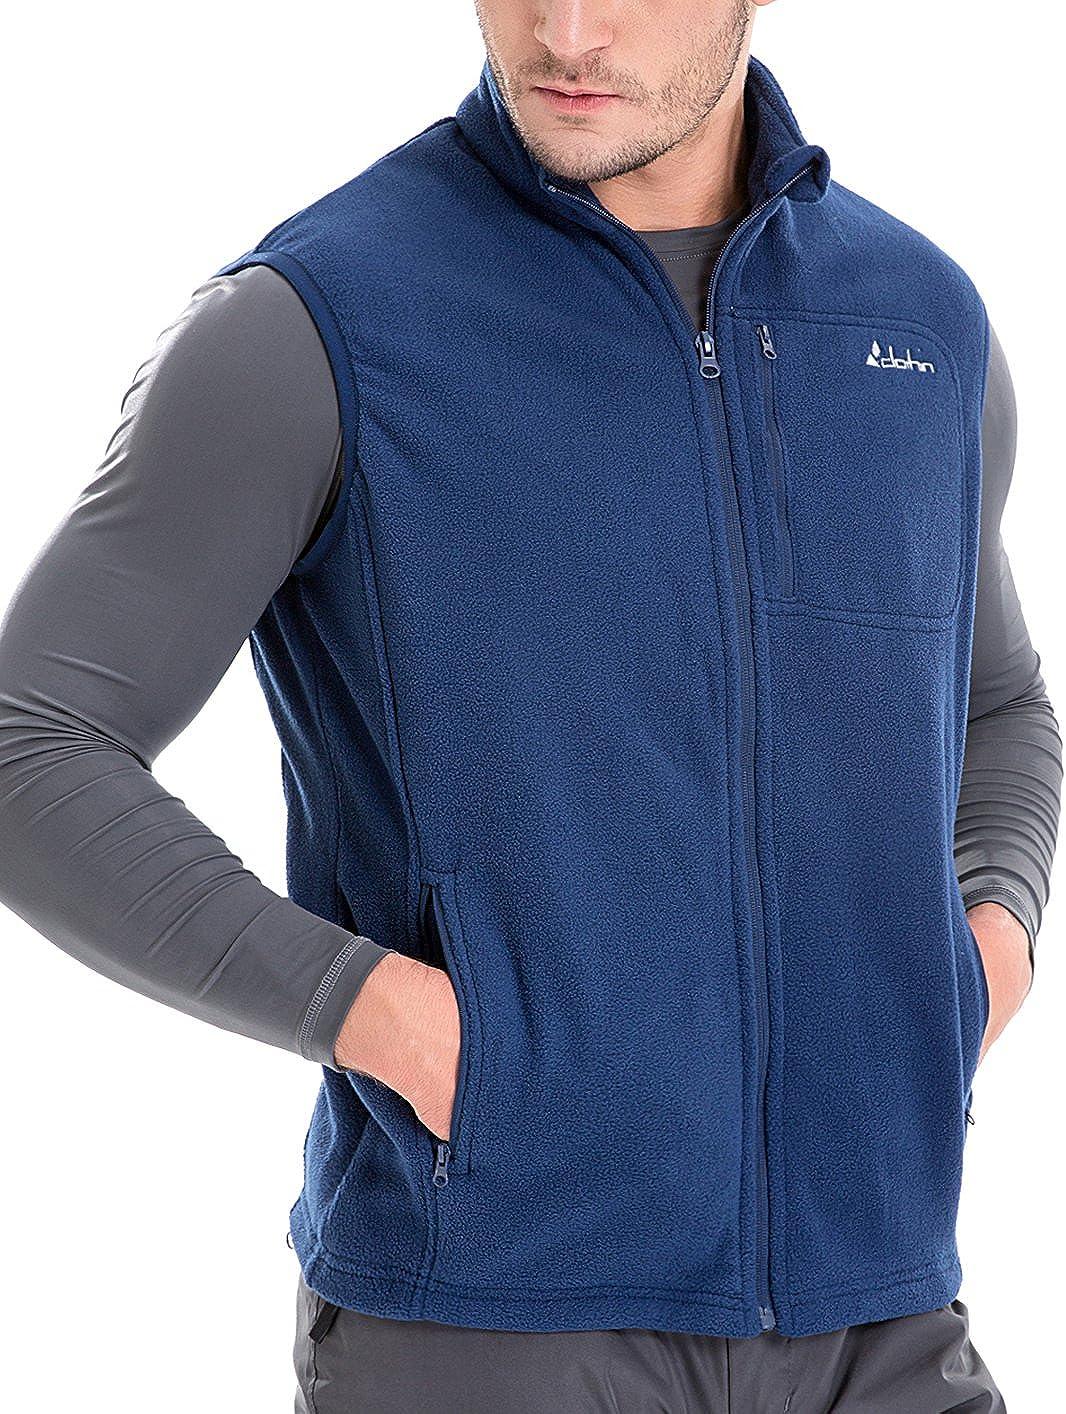 clothin Men's Spring Full Zip Polar Fleece Vest